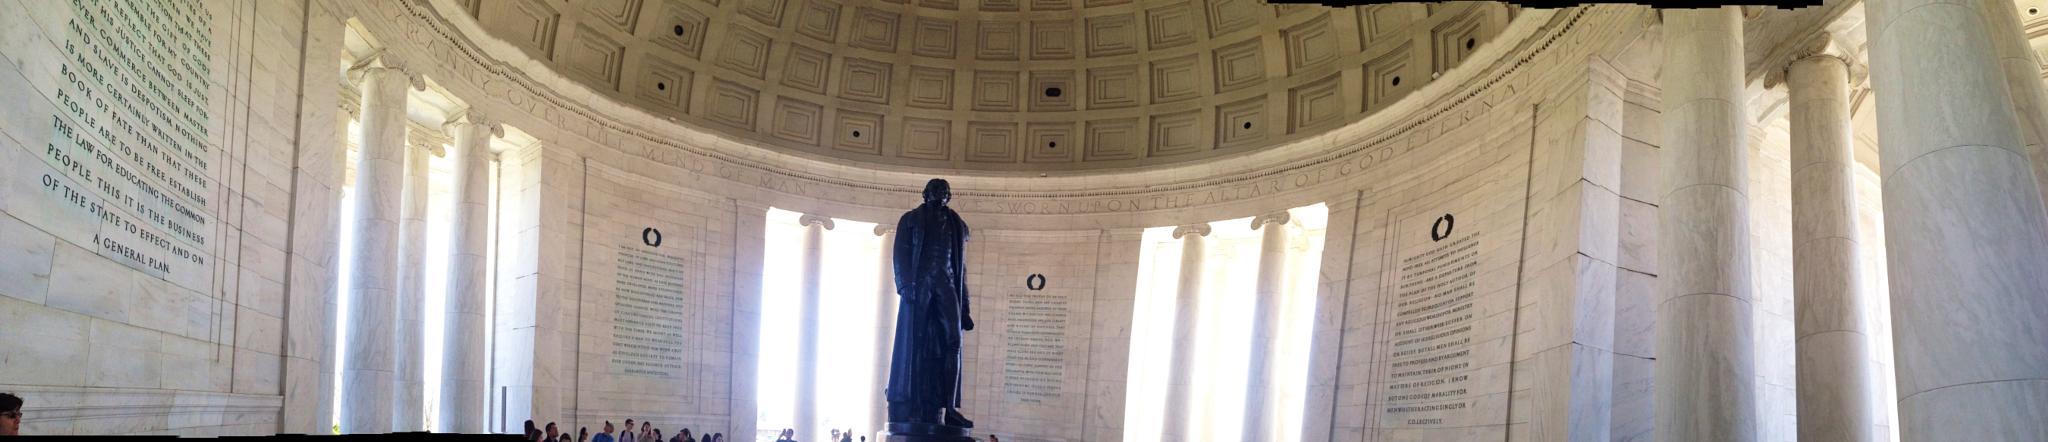 Thomas Jefferson Memorial  by RockyTopSkiBum